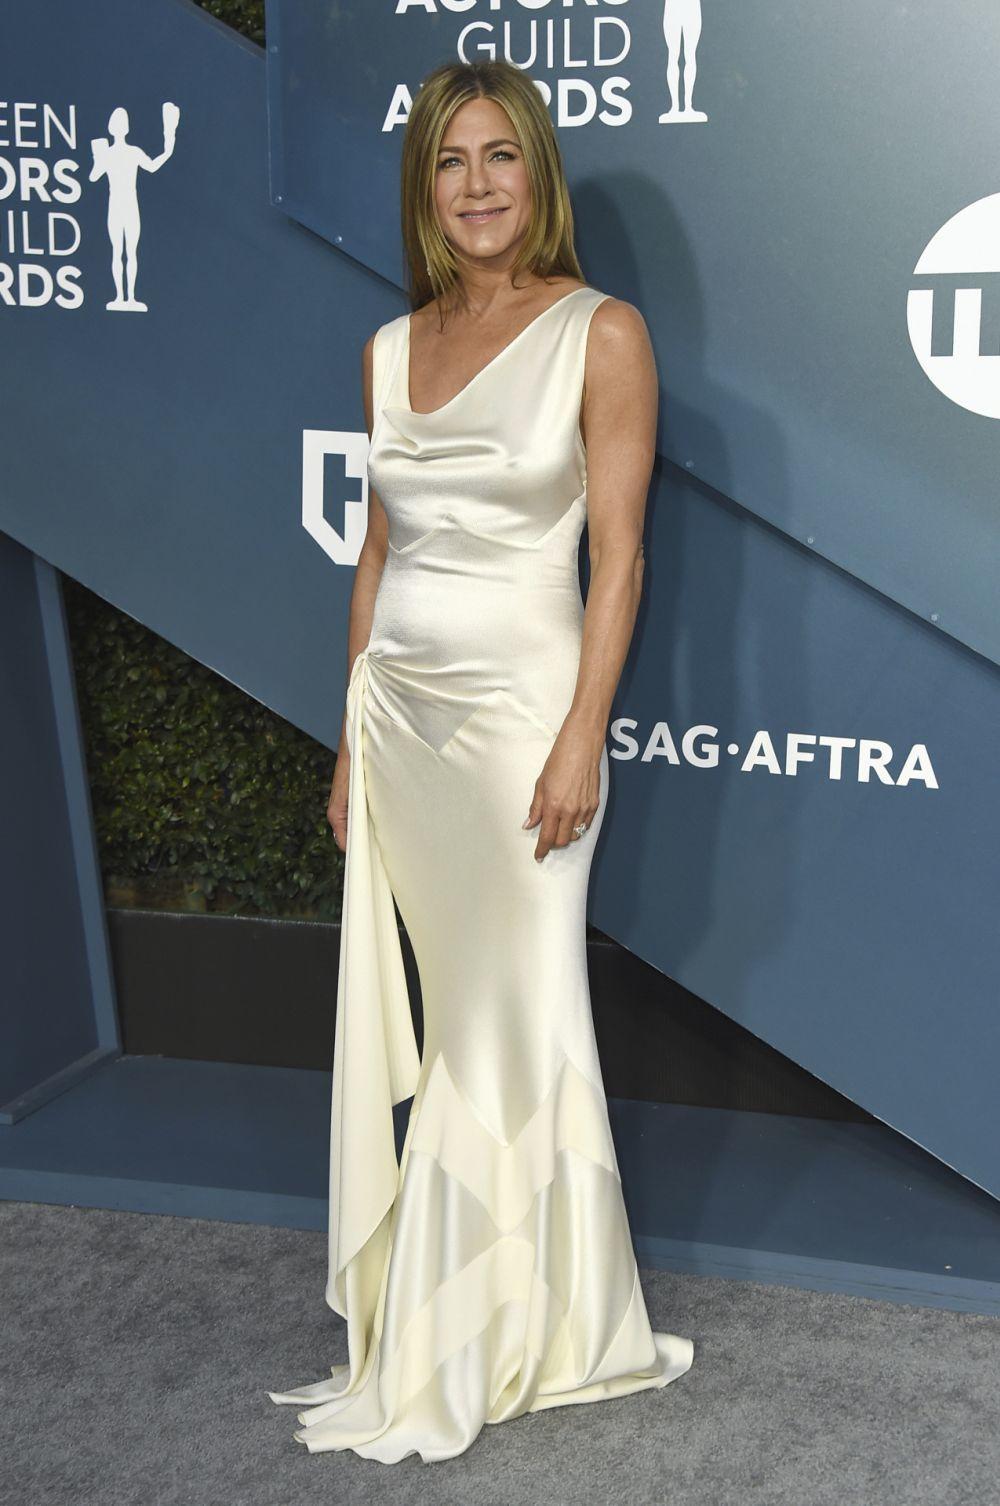 La actriz Jennifer Aniston siempre ha sido un ejemplo de body positive a cualquier edad y más aún ahora a sus 51 años increíbles.